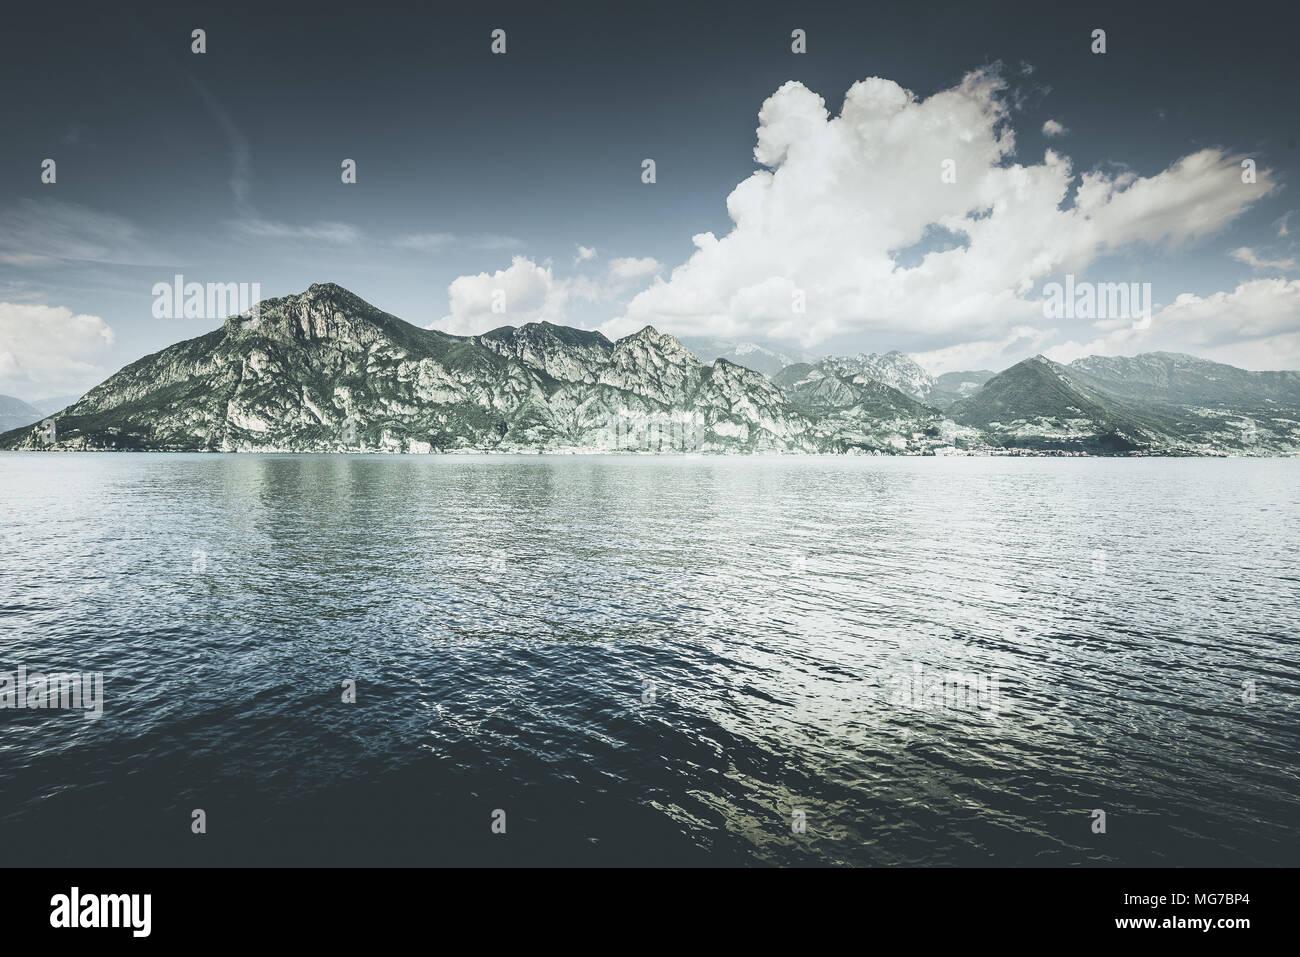 beautiful lake landscape - Iseo lake italy  spring mood - desaturated style image - Stock Image